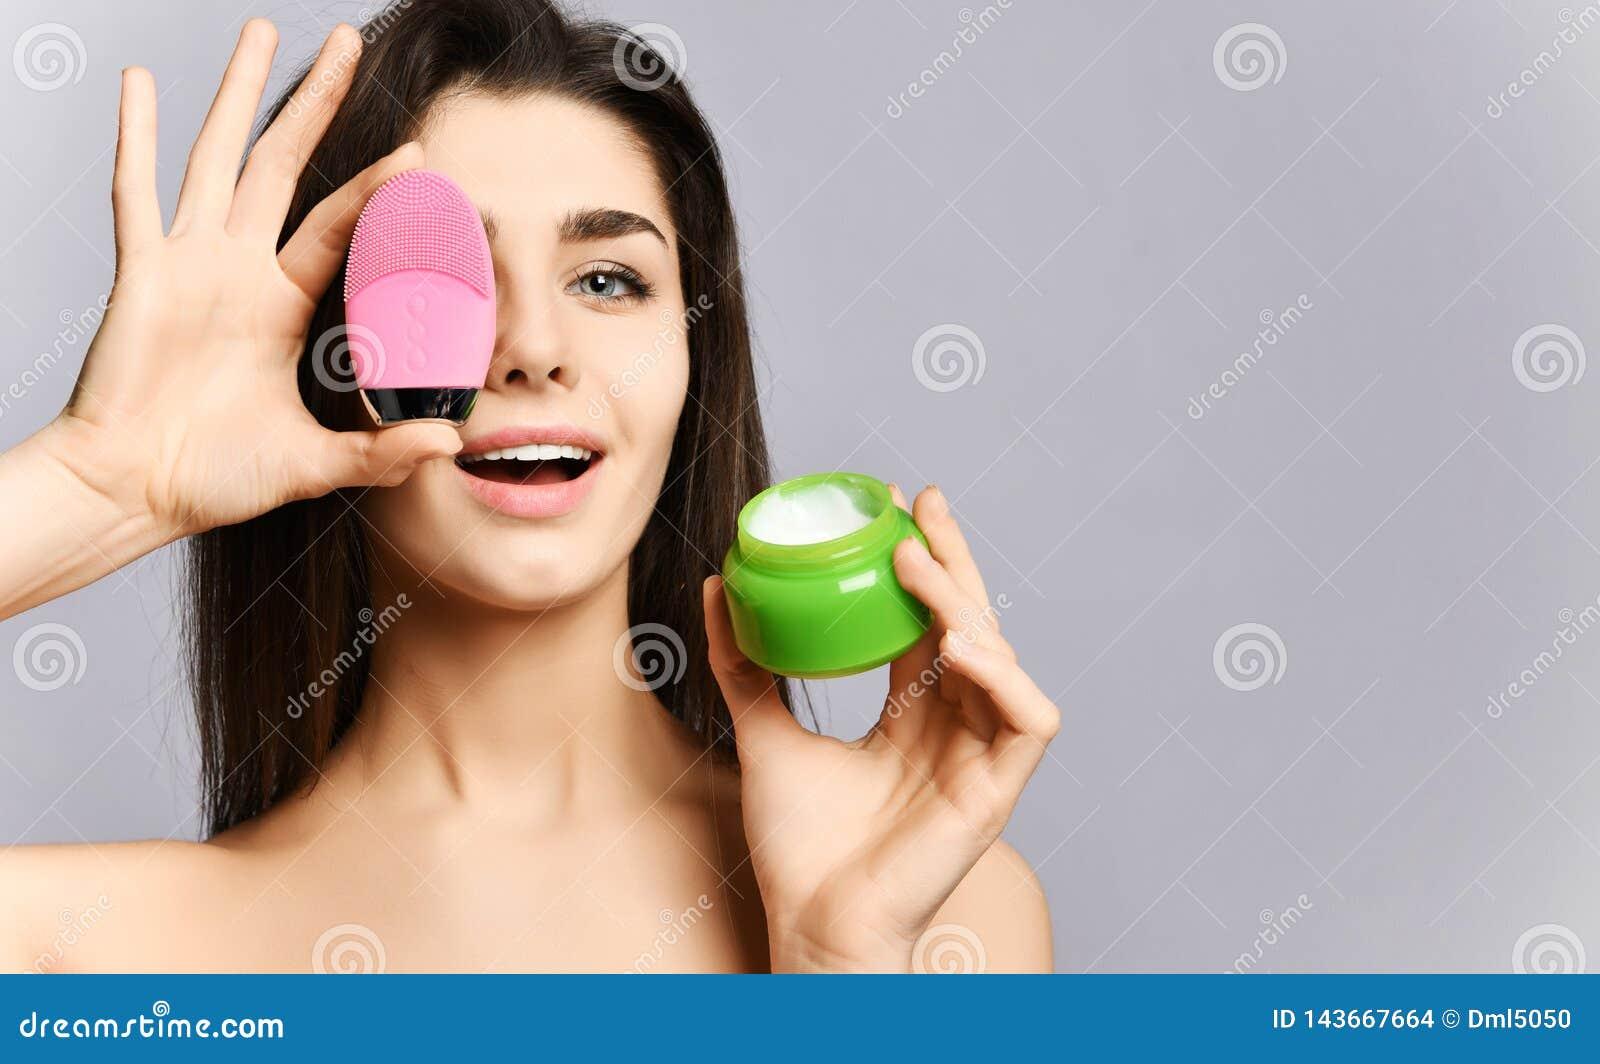 Η ευτυχής όμορφη γυναίκα καλύπτει το μάτι της με τη ρόδινη καθαρίζοντας συσκευή σιλικόνης βουρτσών προσώπου για το δέρμα και παρο